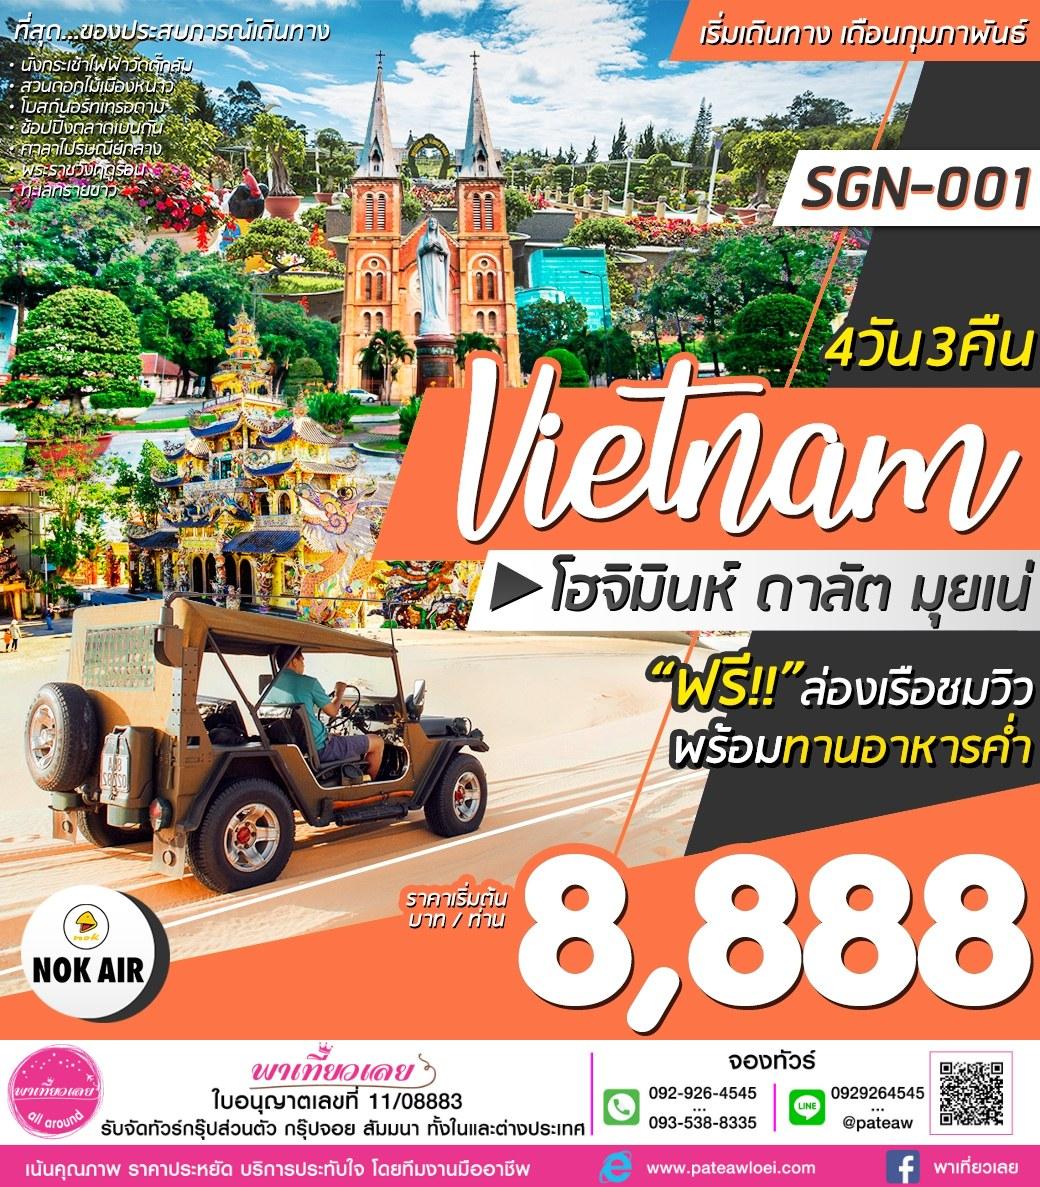 เวียดนามใต้ ดาลัต มุยเน่ 4วัน 3คืน